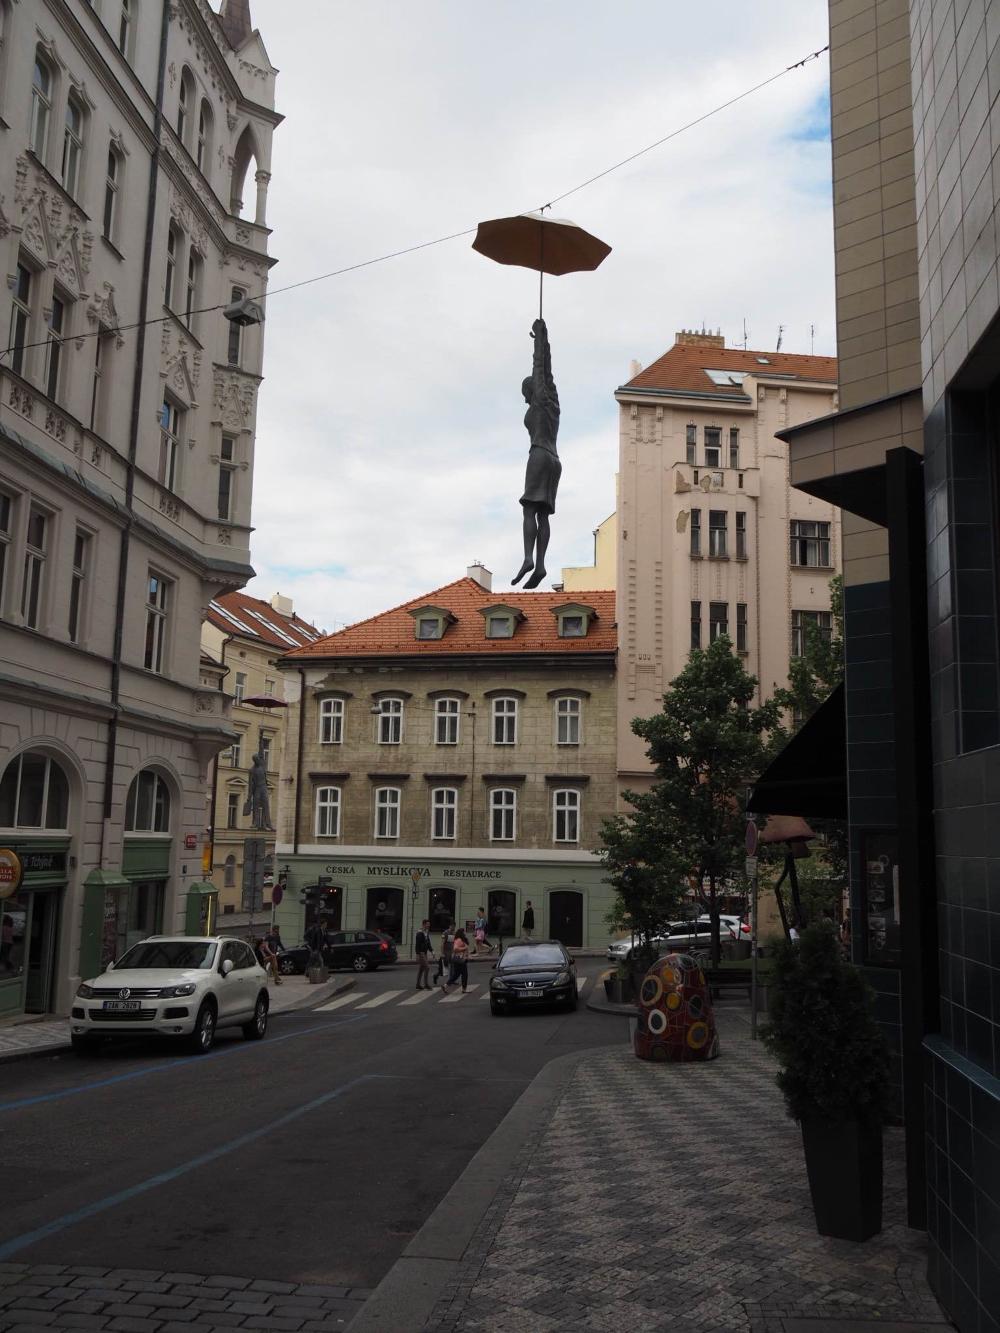 Ce personnage suspendu au parapluie est l'une des oeuvres que l'on peut voir à l'extérieur du Mosaic House. Des personnages similaires de différents formats (aussi suspendus à un parapluie) se retrouvent à l'intérieur de l'hôtel. Photo: Marie-Julie Gagnon